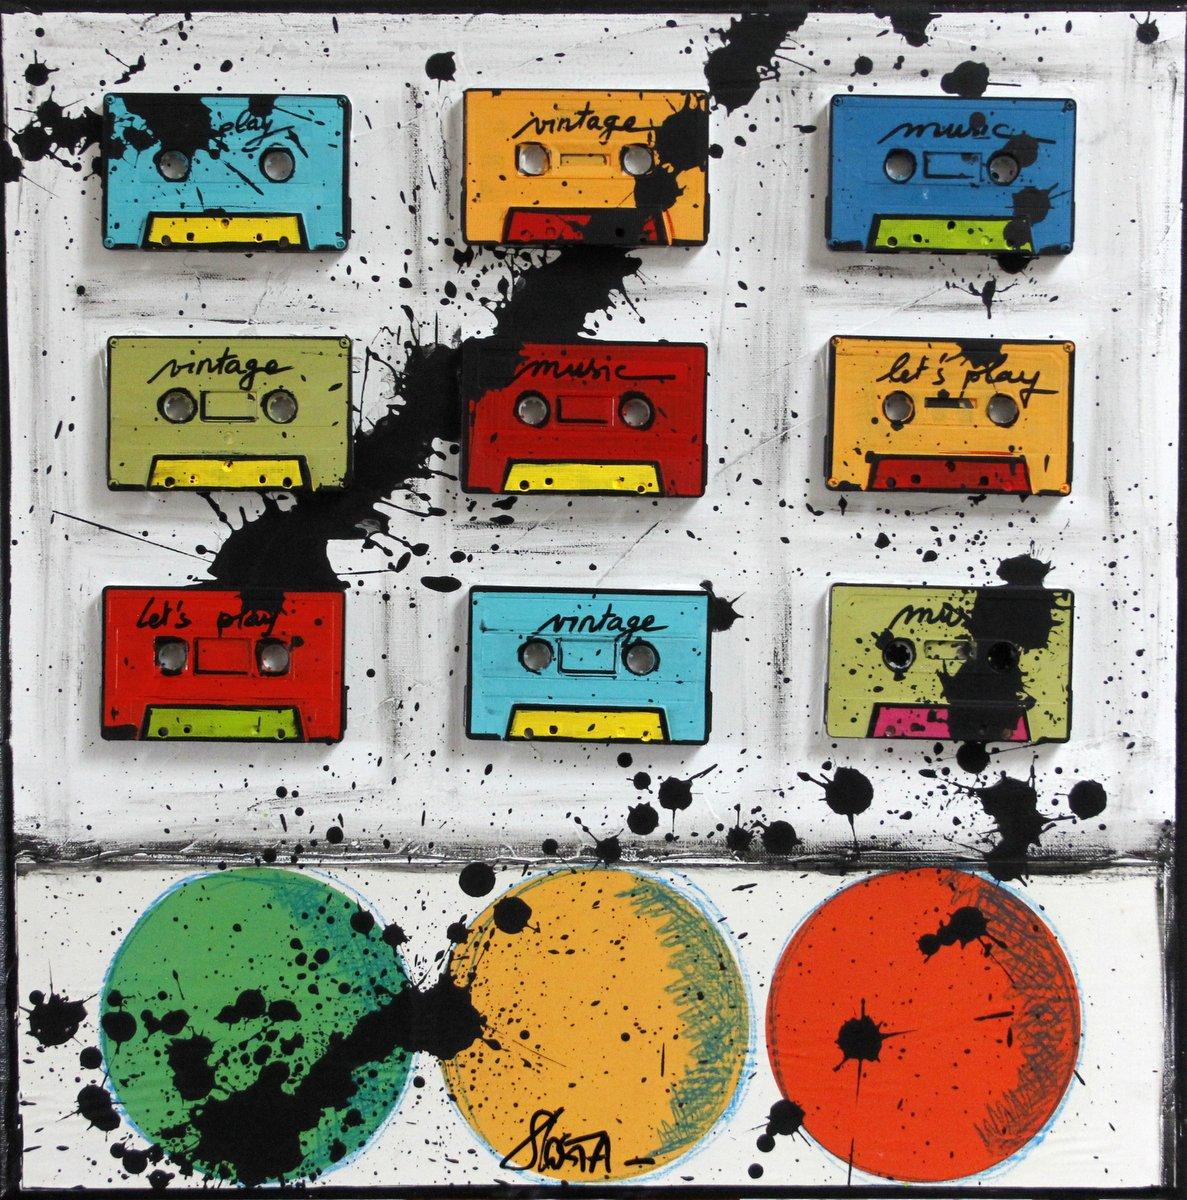 collage, cassette audio, vintage, music Tableau Contemporain, Bubble tape. Sophie Costa, artiste peintre.